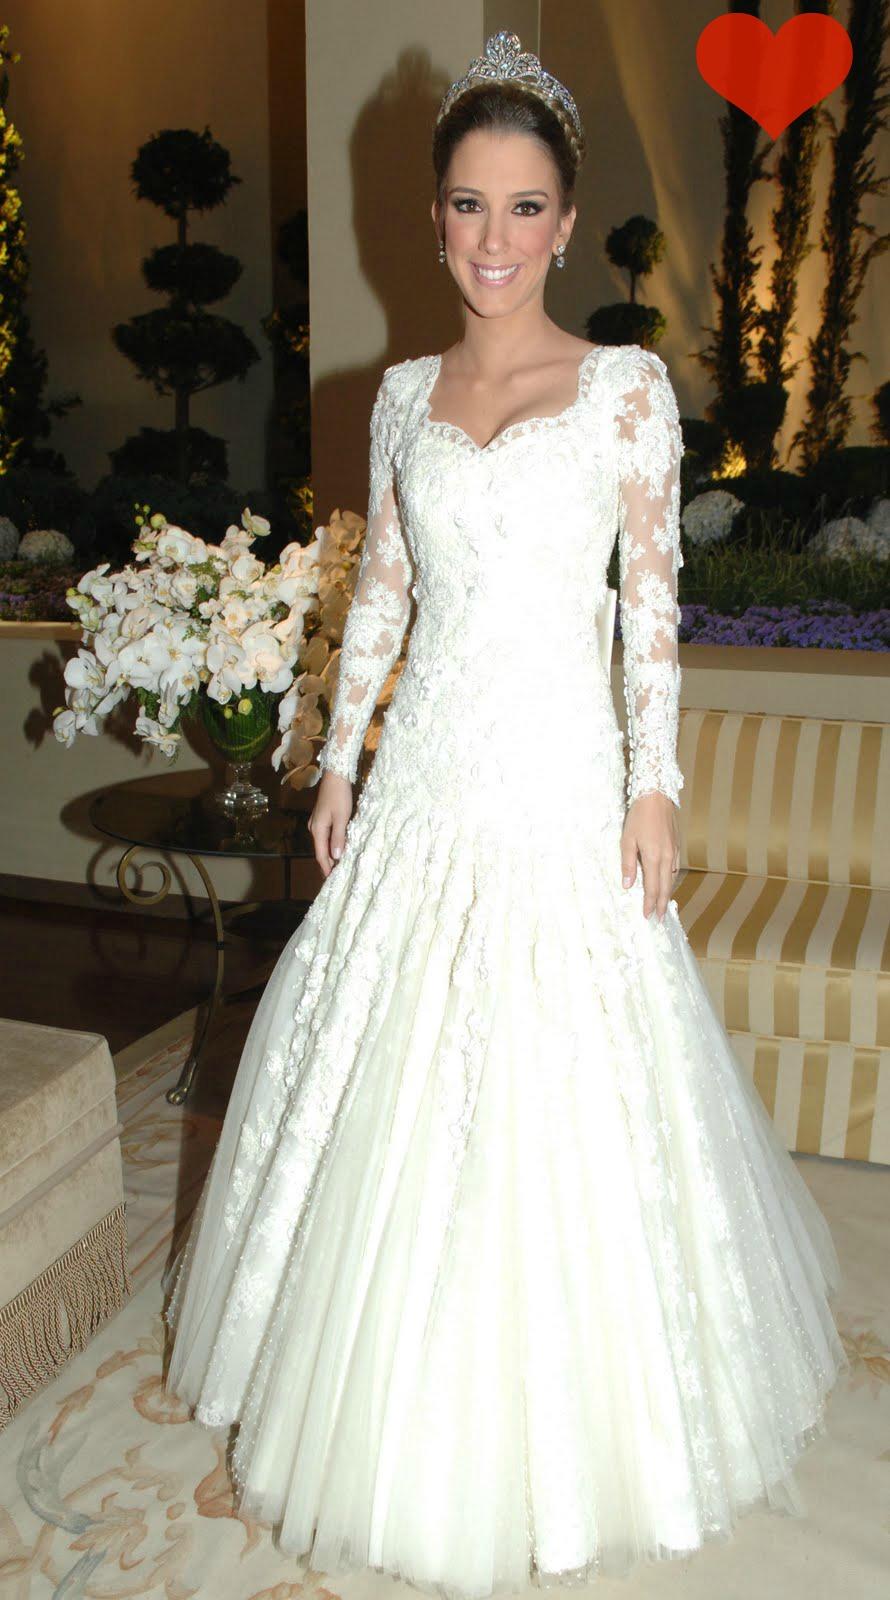 Vestido-casamento-Lala-Rudge-2012-Sandro-Barros-Blog-da-Lari-Duarte-.com-polêmico-noiva-Tamara-Rudge-Gontijo